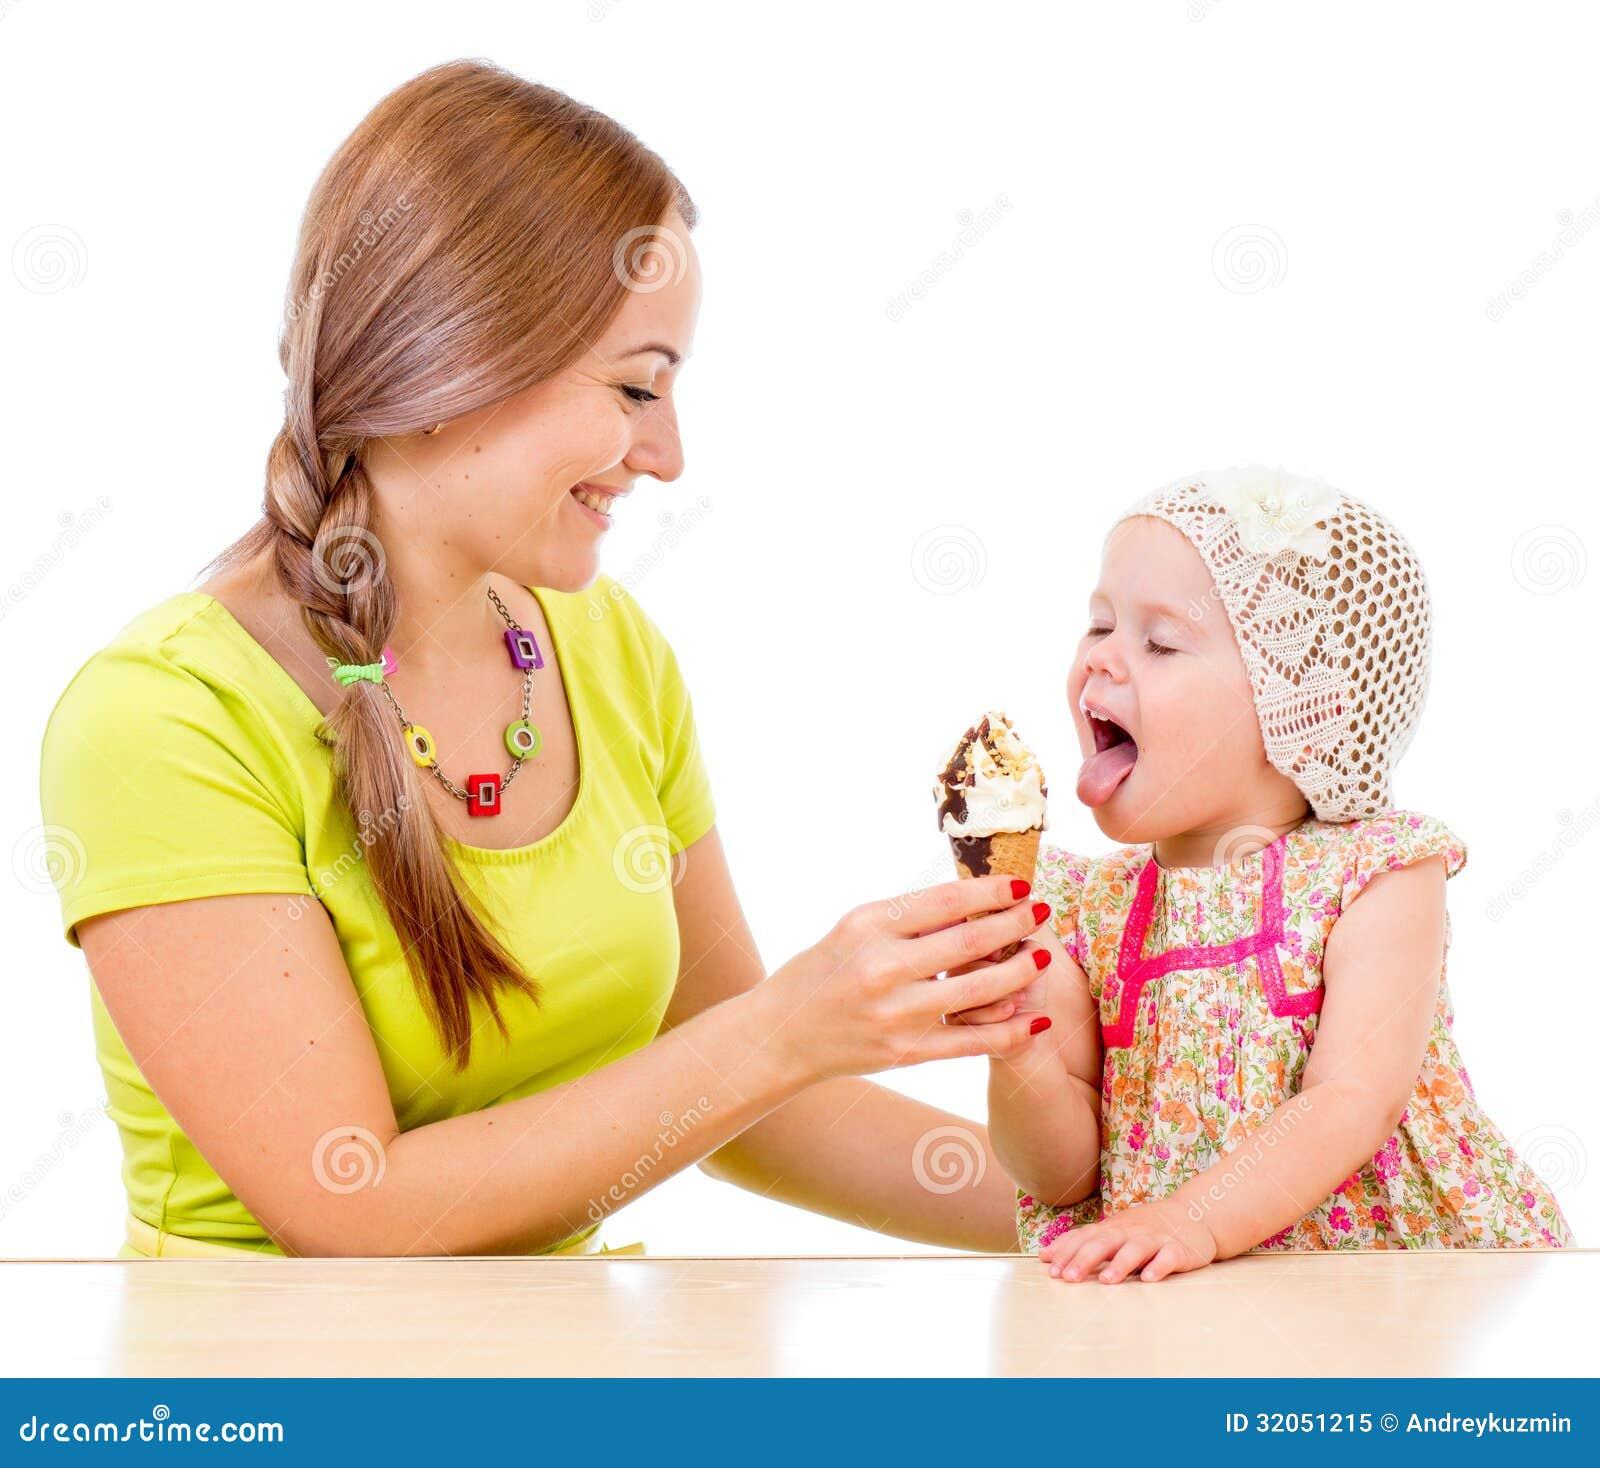 С маленькой девочкой 20 фотография